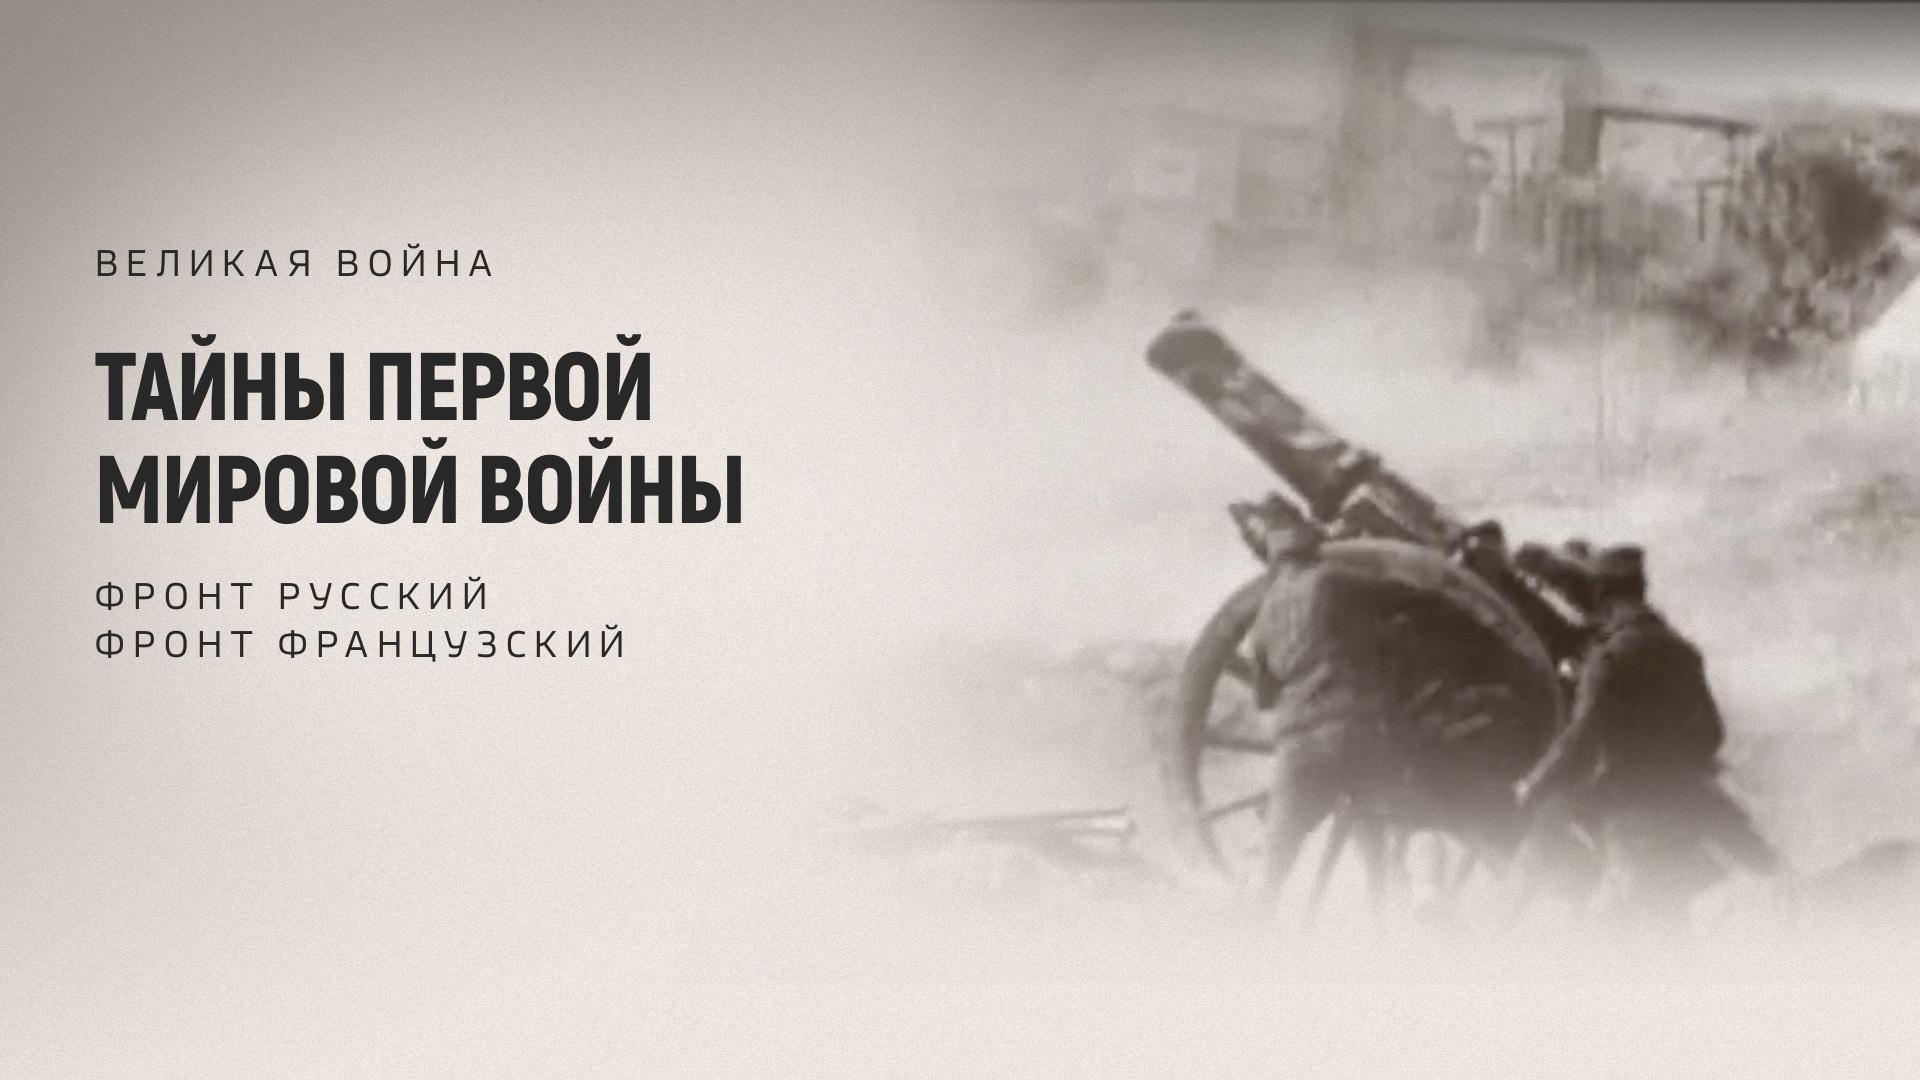 Тайны Первой мировой войны: Великая война. Фронт русский. Фронт французский